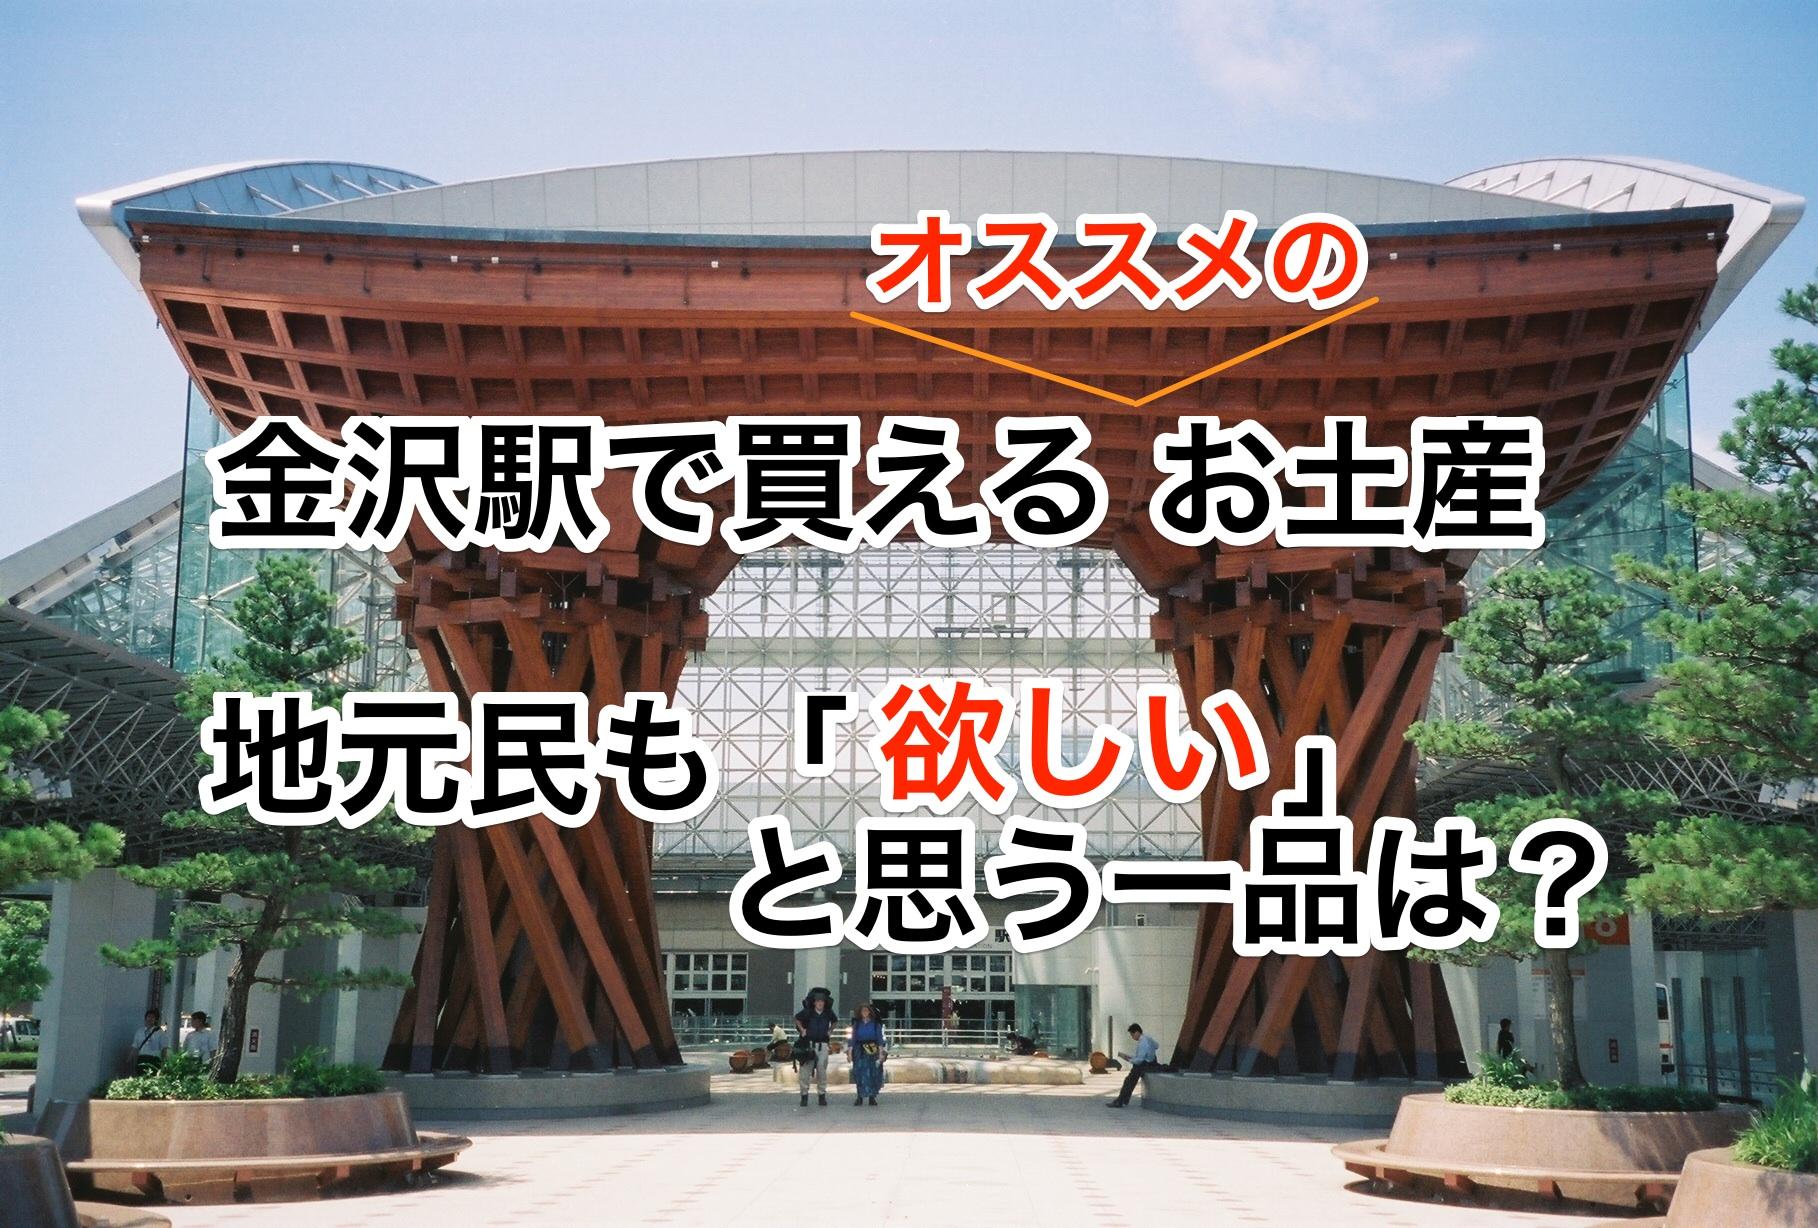 金沢駅で買えるオススメのお土産 地元民も欲しいと思う一品は?